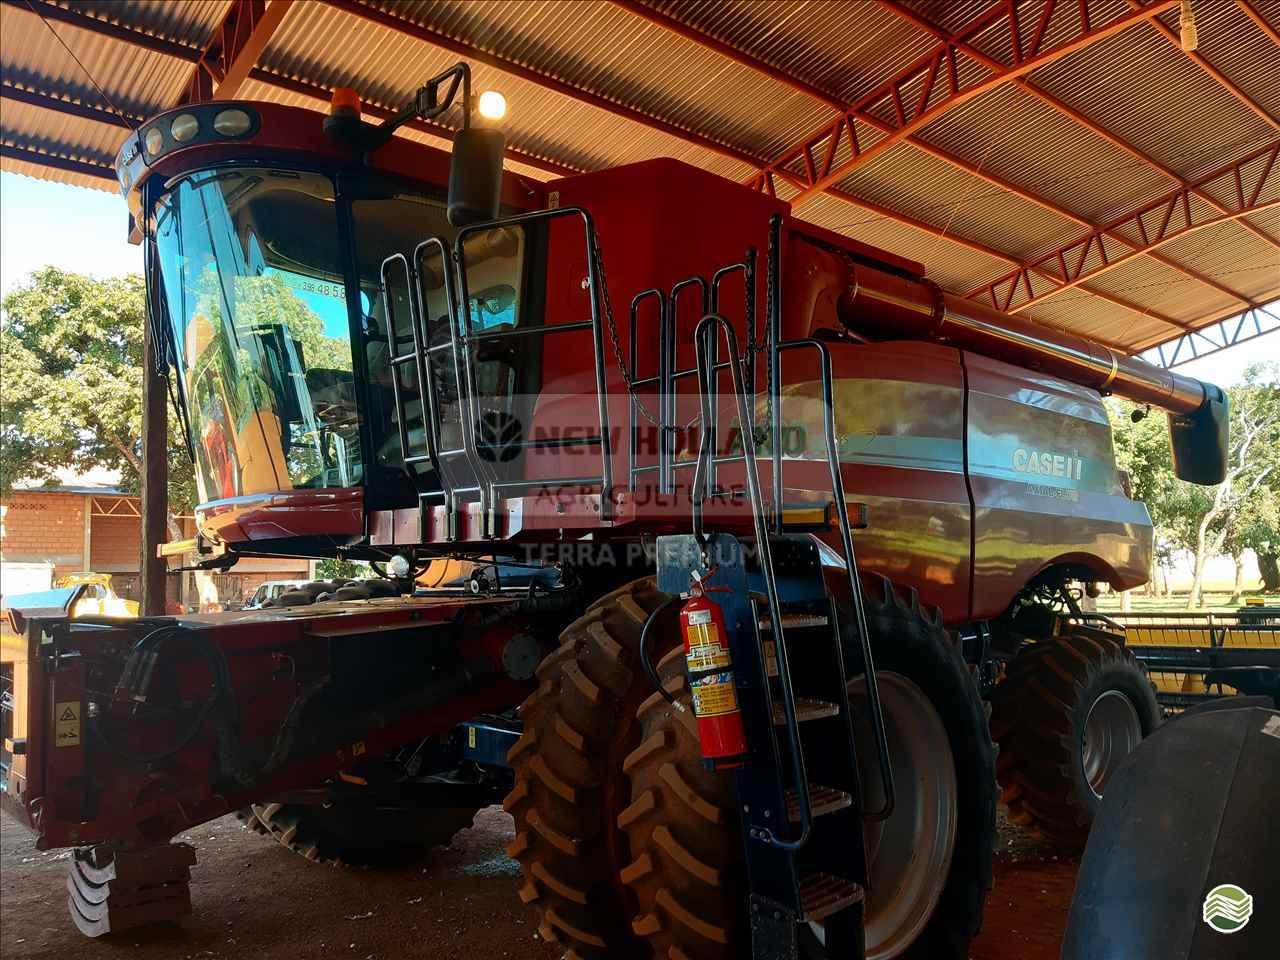 COLHEITADEIRA CASE CASE 7120 Terra Premium - New Holland RONDONOPOLIS MATO GROSSO MT